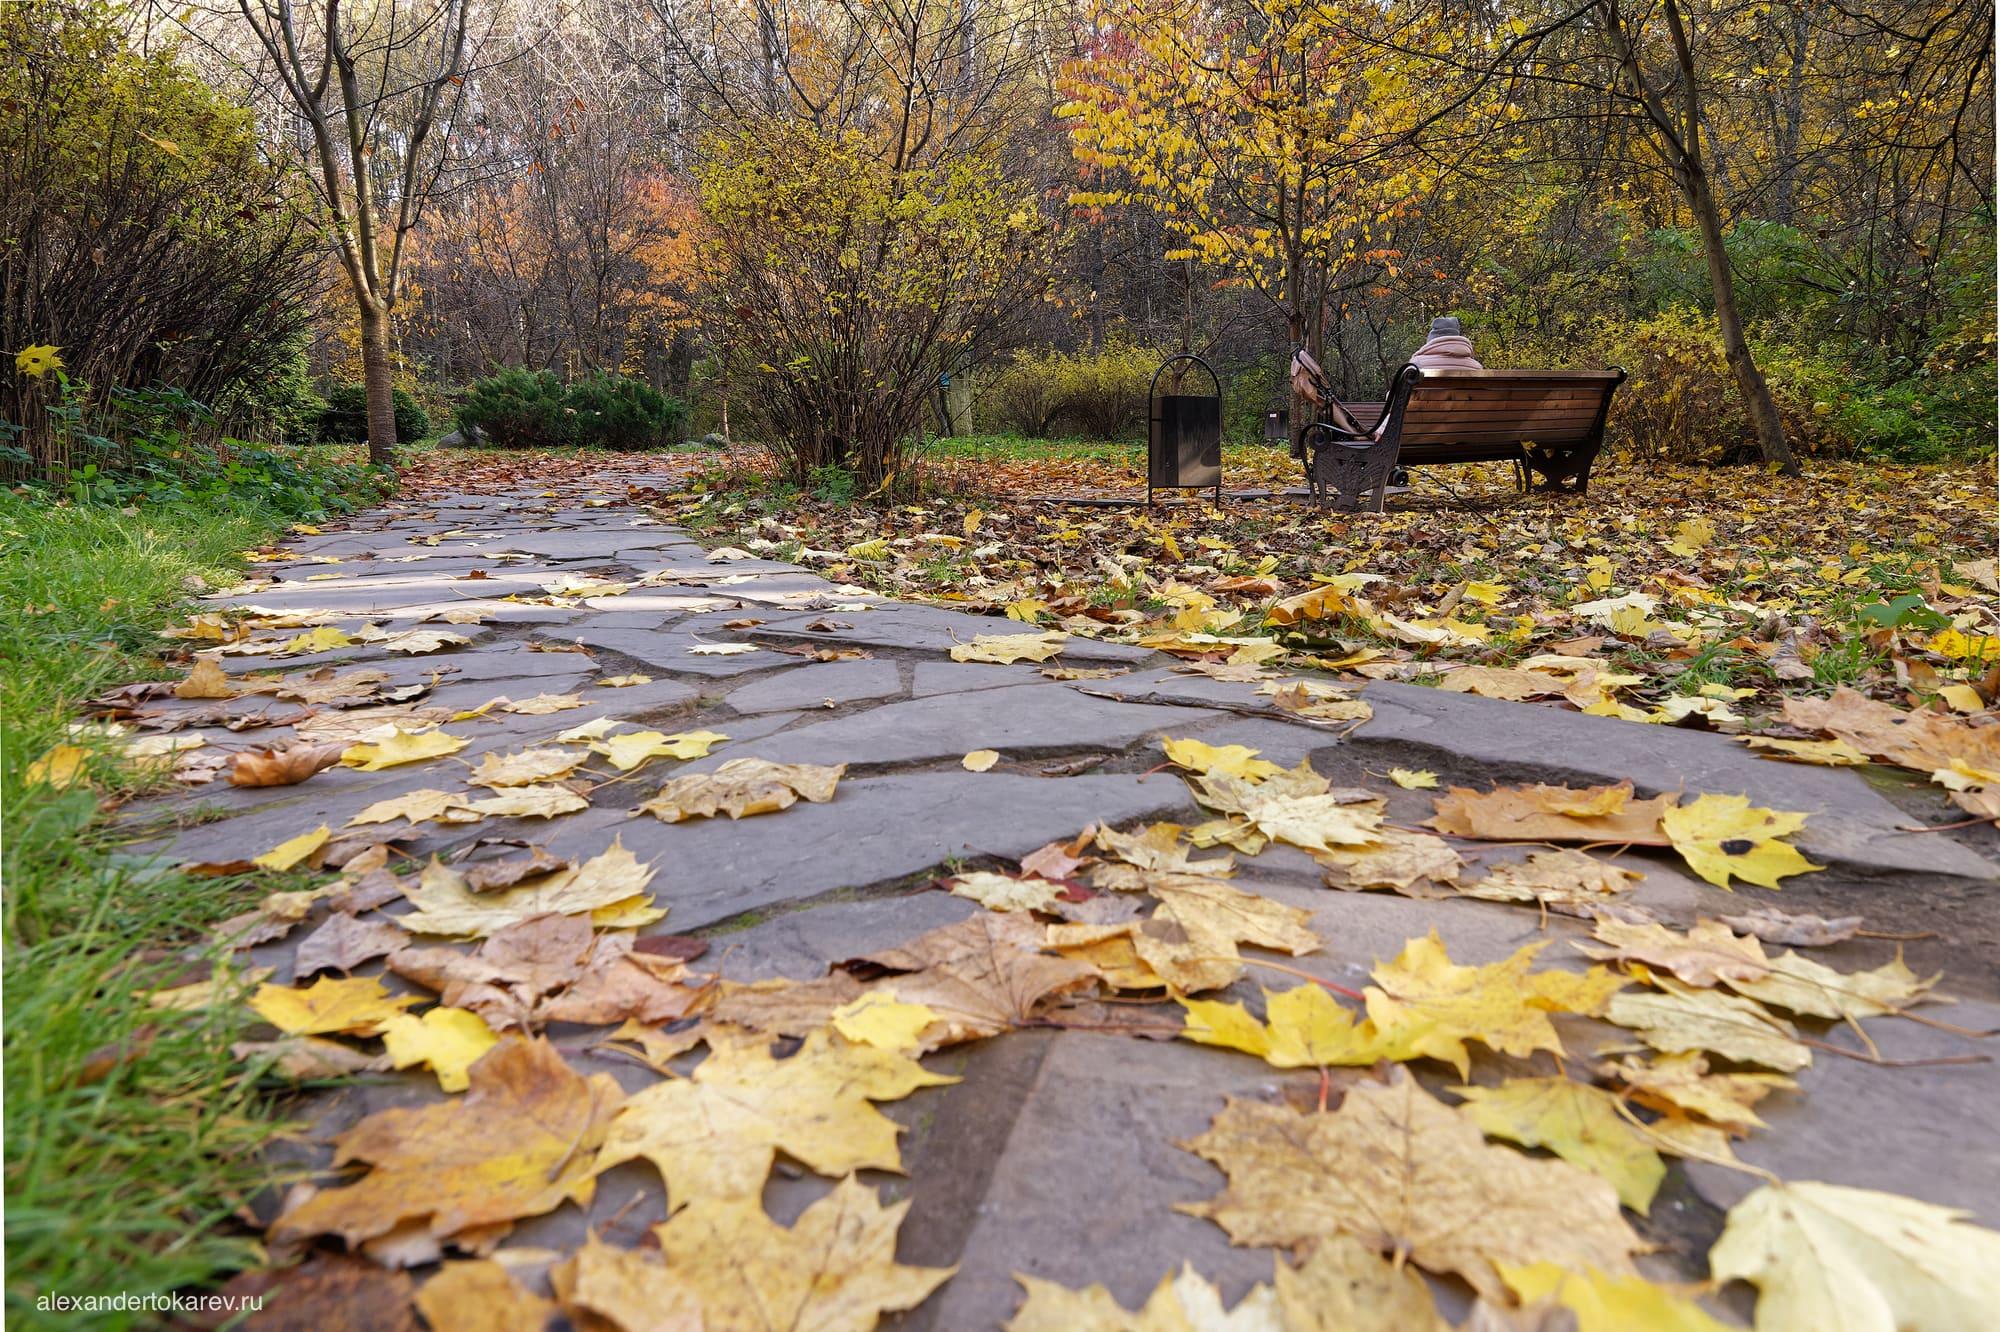 Дорожка в Роще сакуры в Бирюлёвском дендропарке